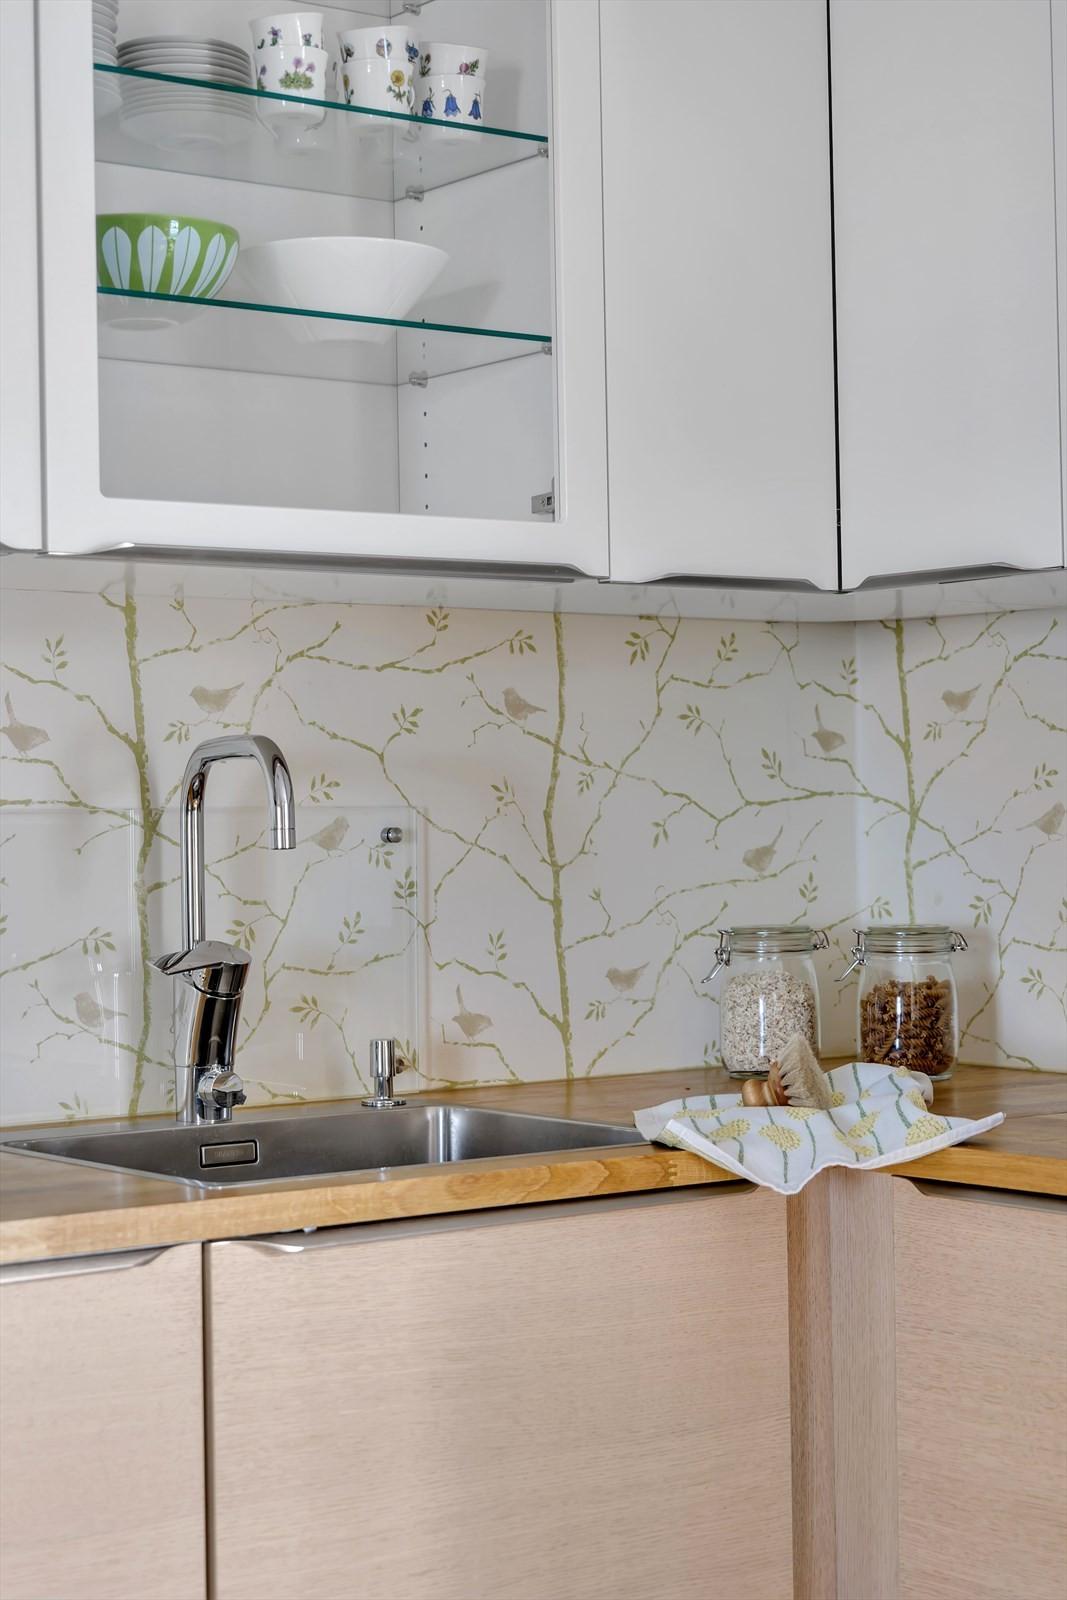 Glass montert på vegg bak vask og komfyr